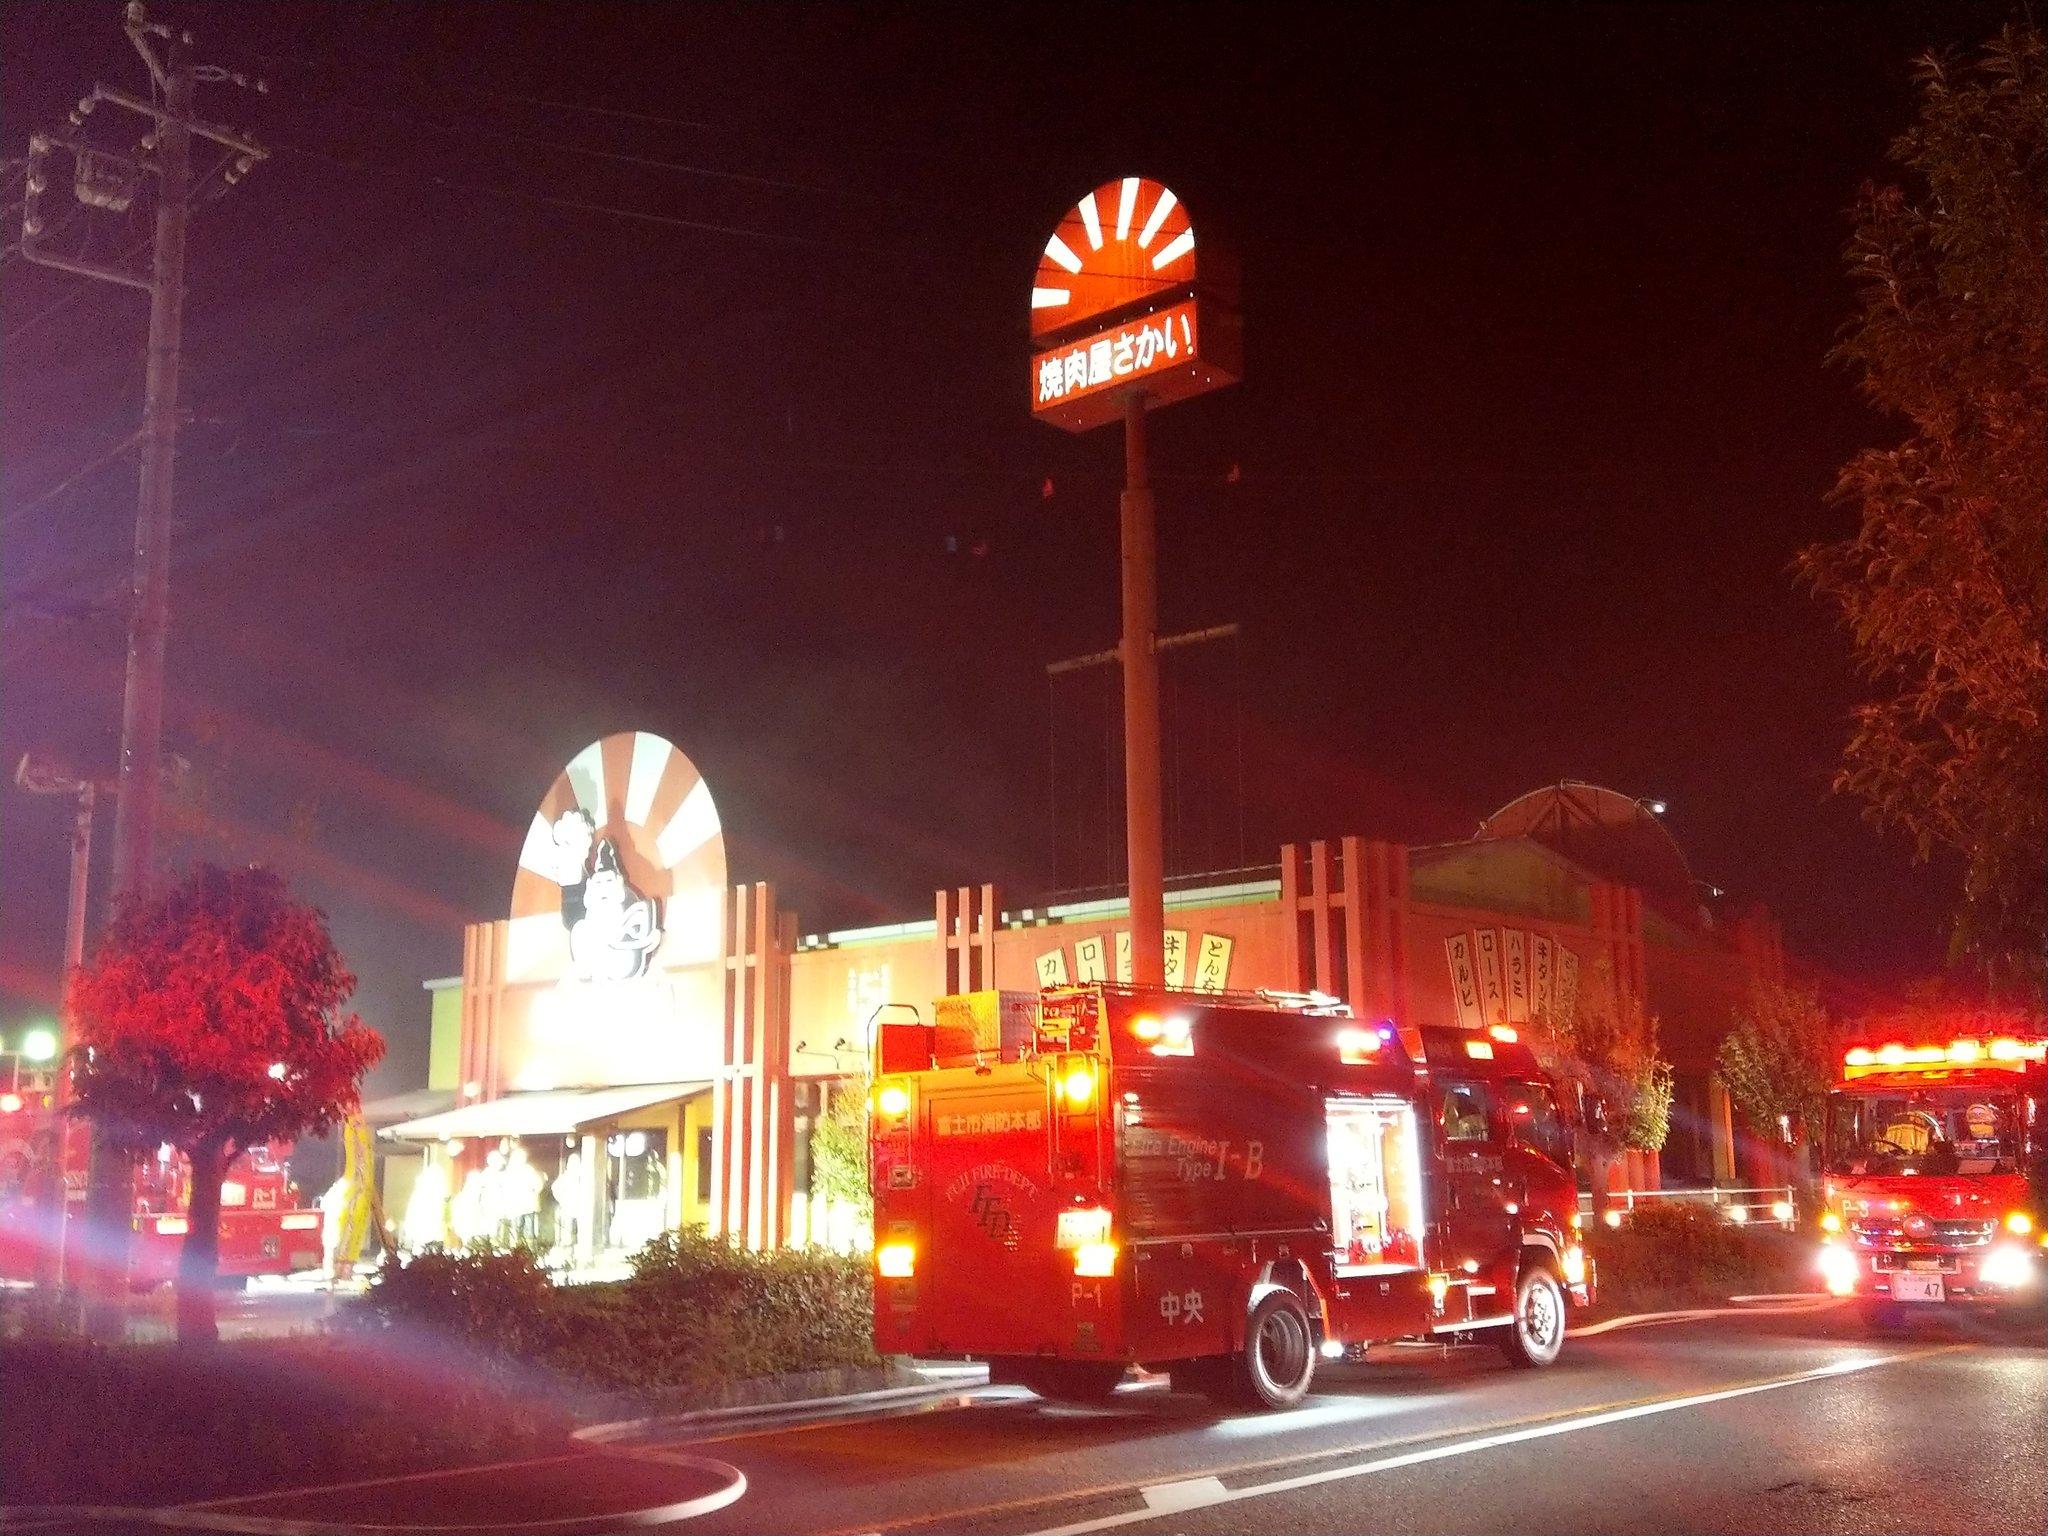 画像,タカダバッティングセンター向かいの焼肉さかいで火災 https://t.co/sAPMNzSYZU。